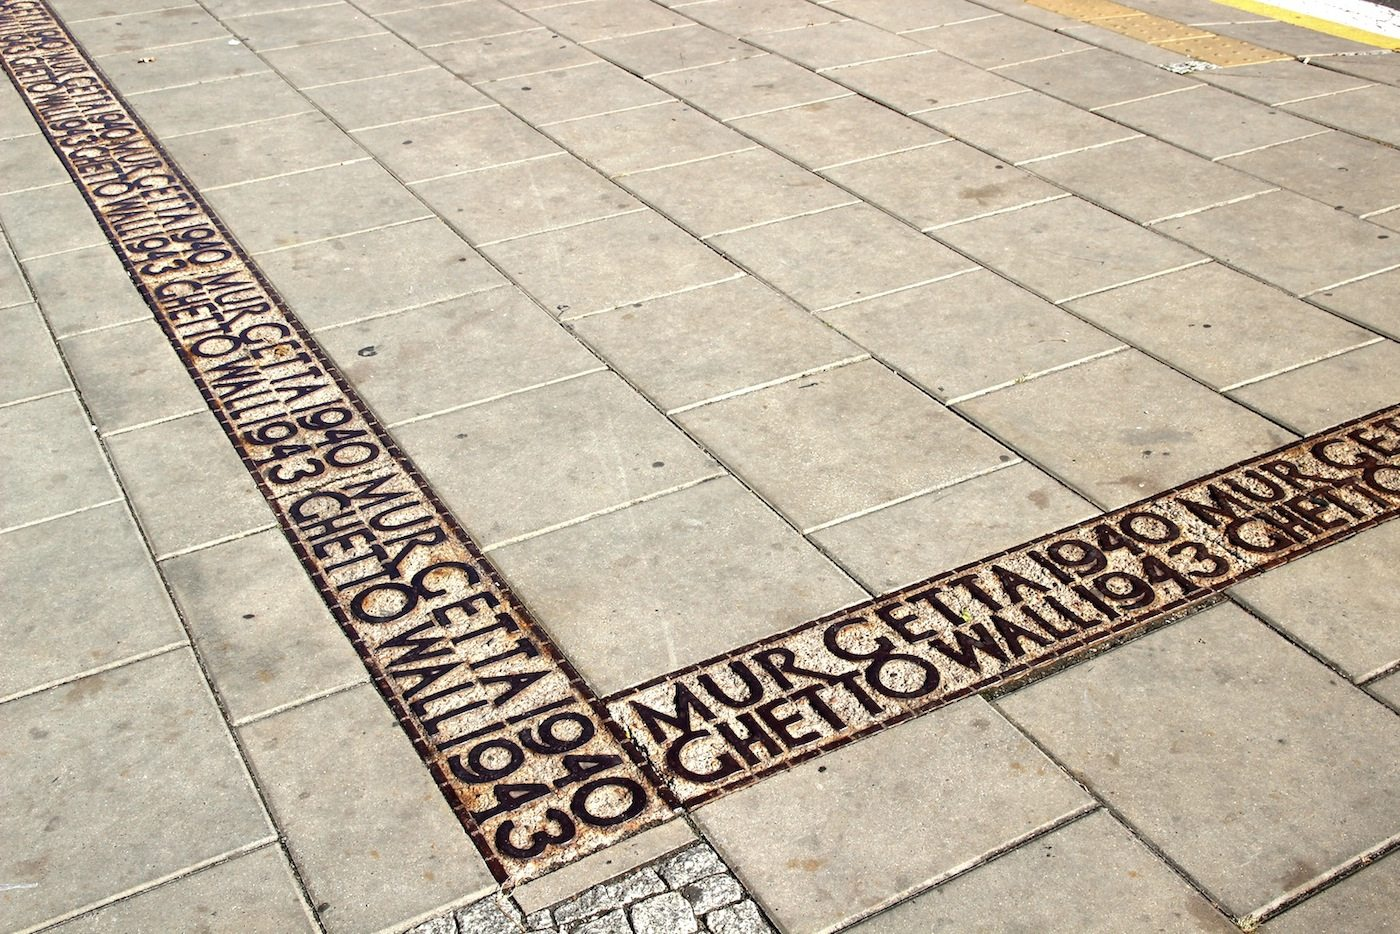 Erinnerungsträchtiger Boden.  Das Areal, auf dem sich der Kulturpalast erhebt, war Teil des jüdischen Ghettos, in dem die Deutschen bis zu 380 000 Menschen vor dem Abtransport in die Vernichtungslager zusammen pferchten. Im April 1943 wagten einige den Aufstand, danach wurde der Stadtteil dem Erdboden gleich gemacht.